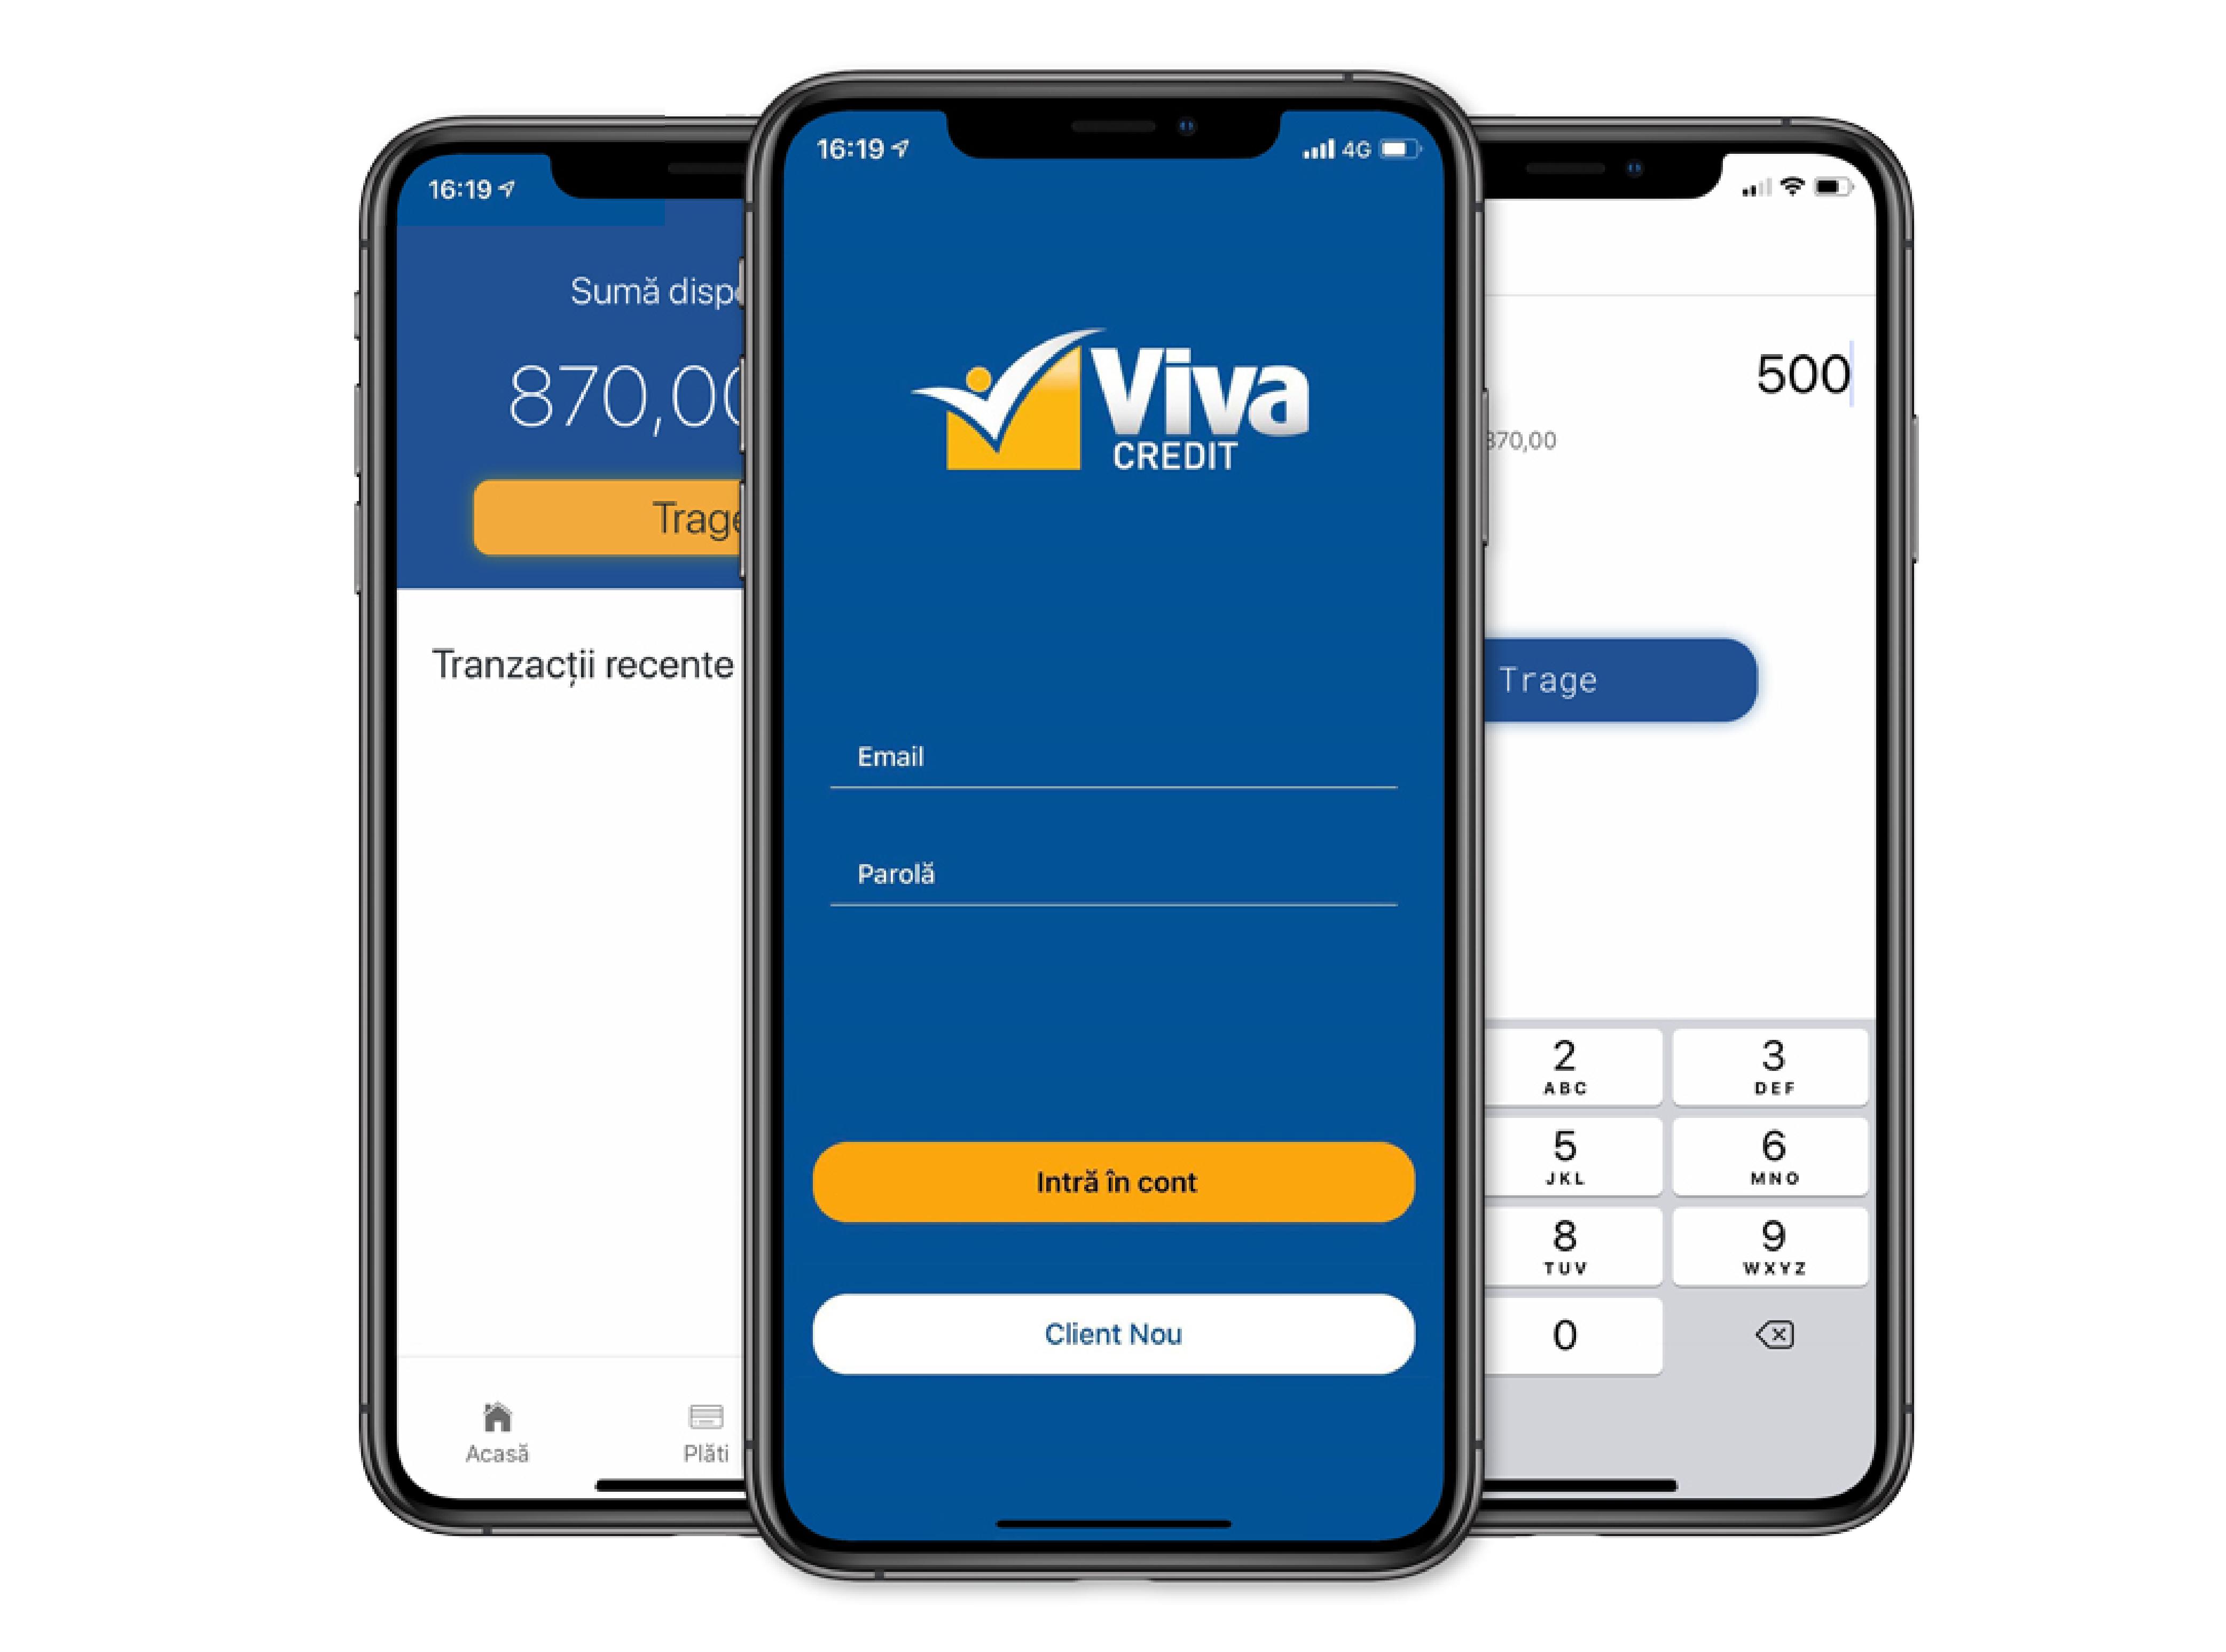 aplicatie mobila, imprumut, cumparaturi, cumparaturi online, viva credit